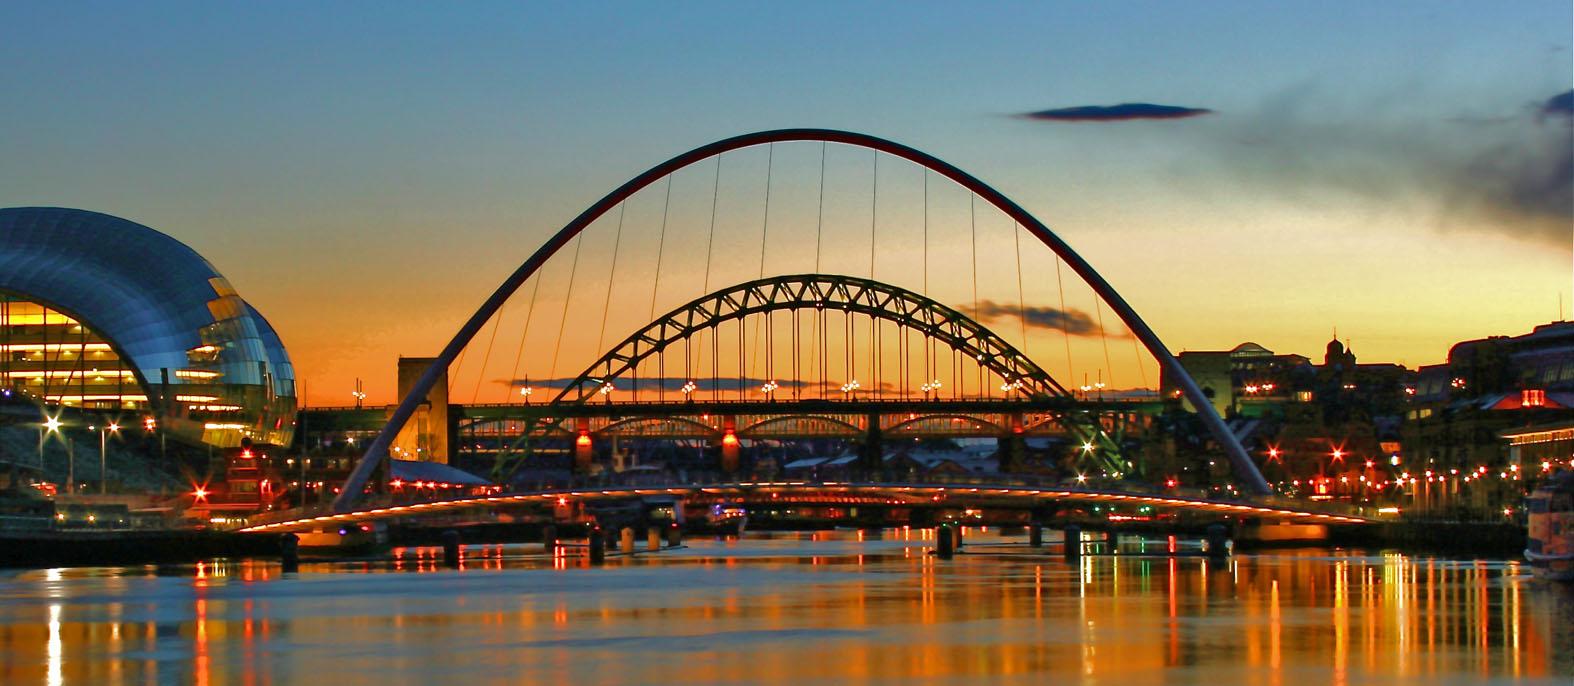 Gateshead Millennium Bridge Vive Le Voyage